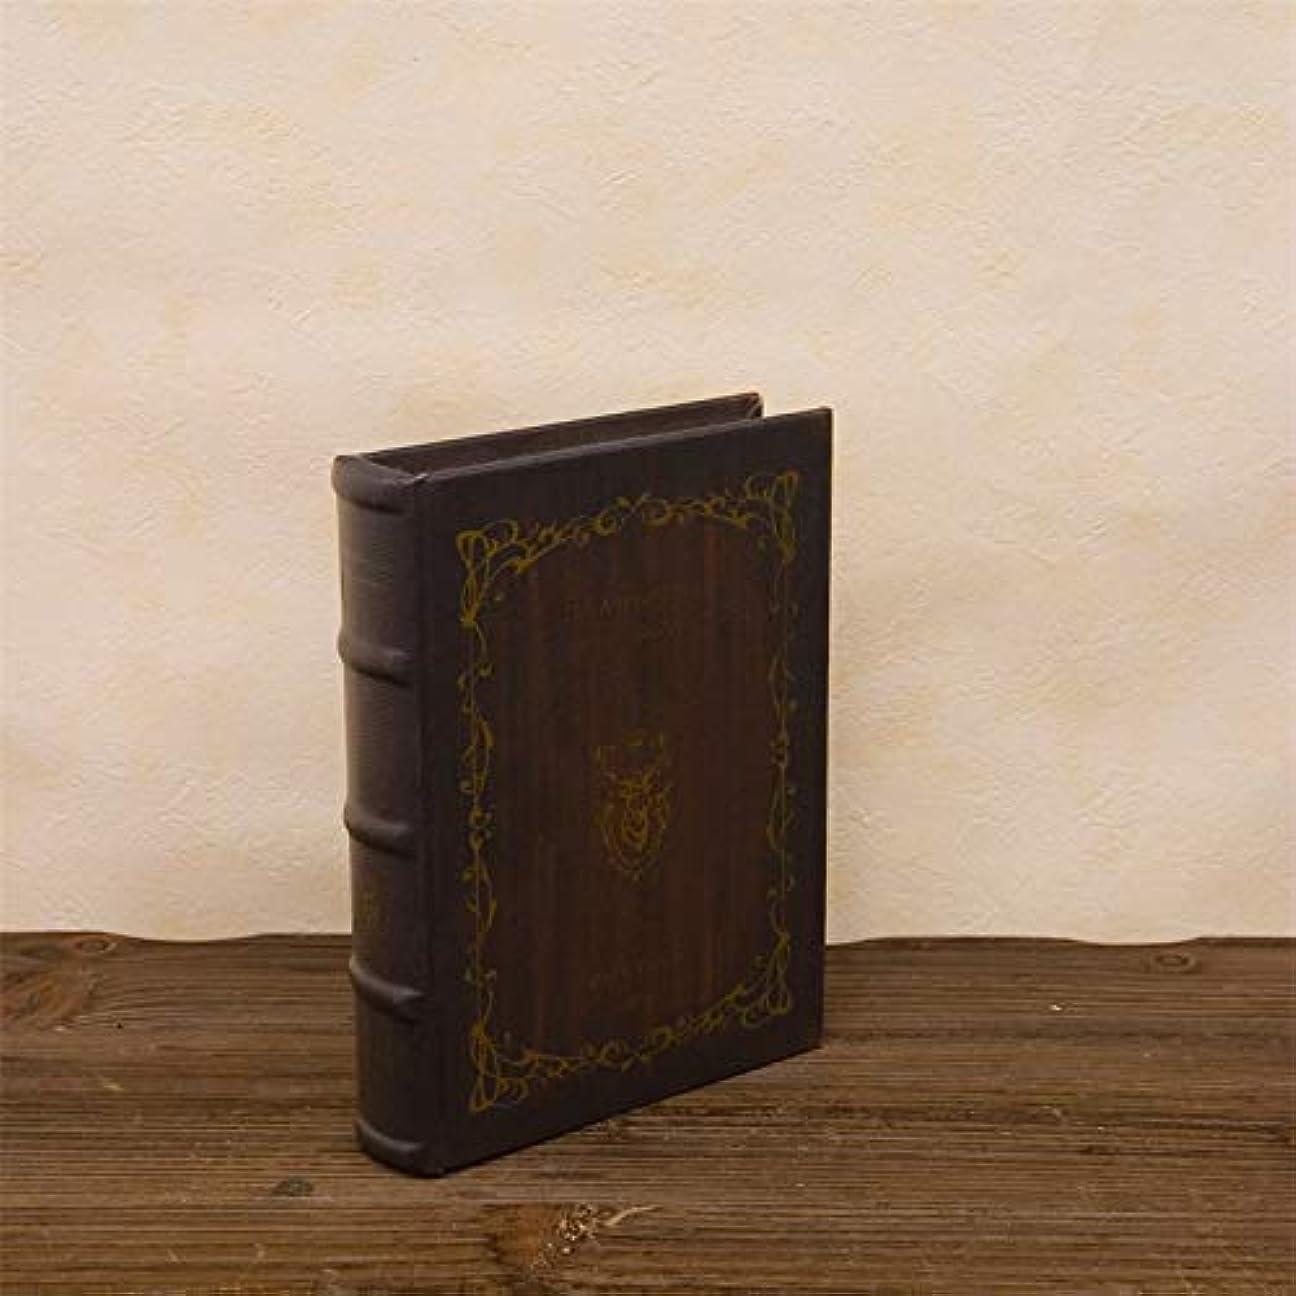 下る制裁予測シークレットボックス アンティーク風 洋書型 小物入れ 「THE Adventures of Tom Sawyer」 Sサイズ